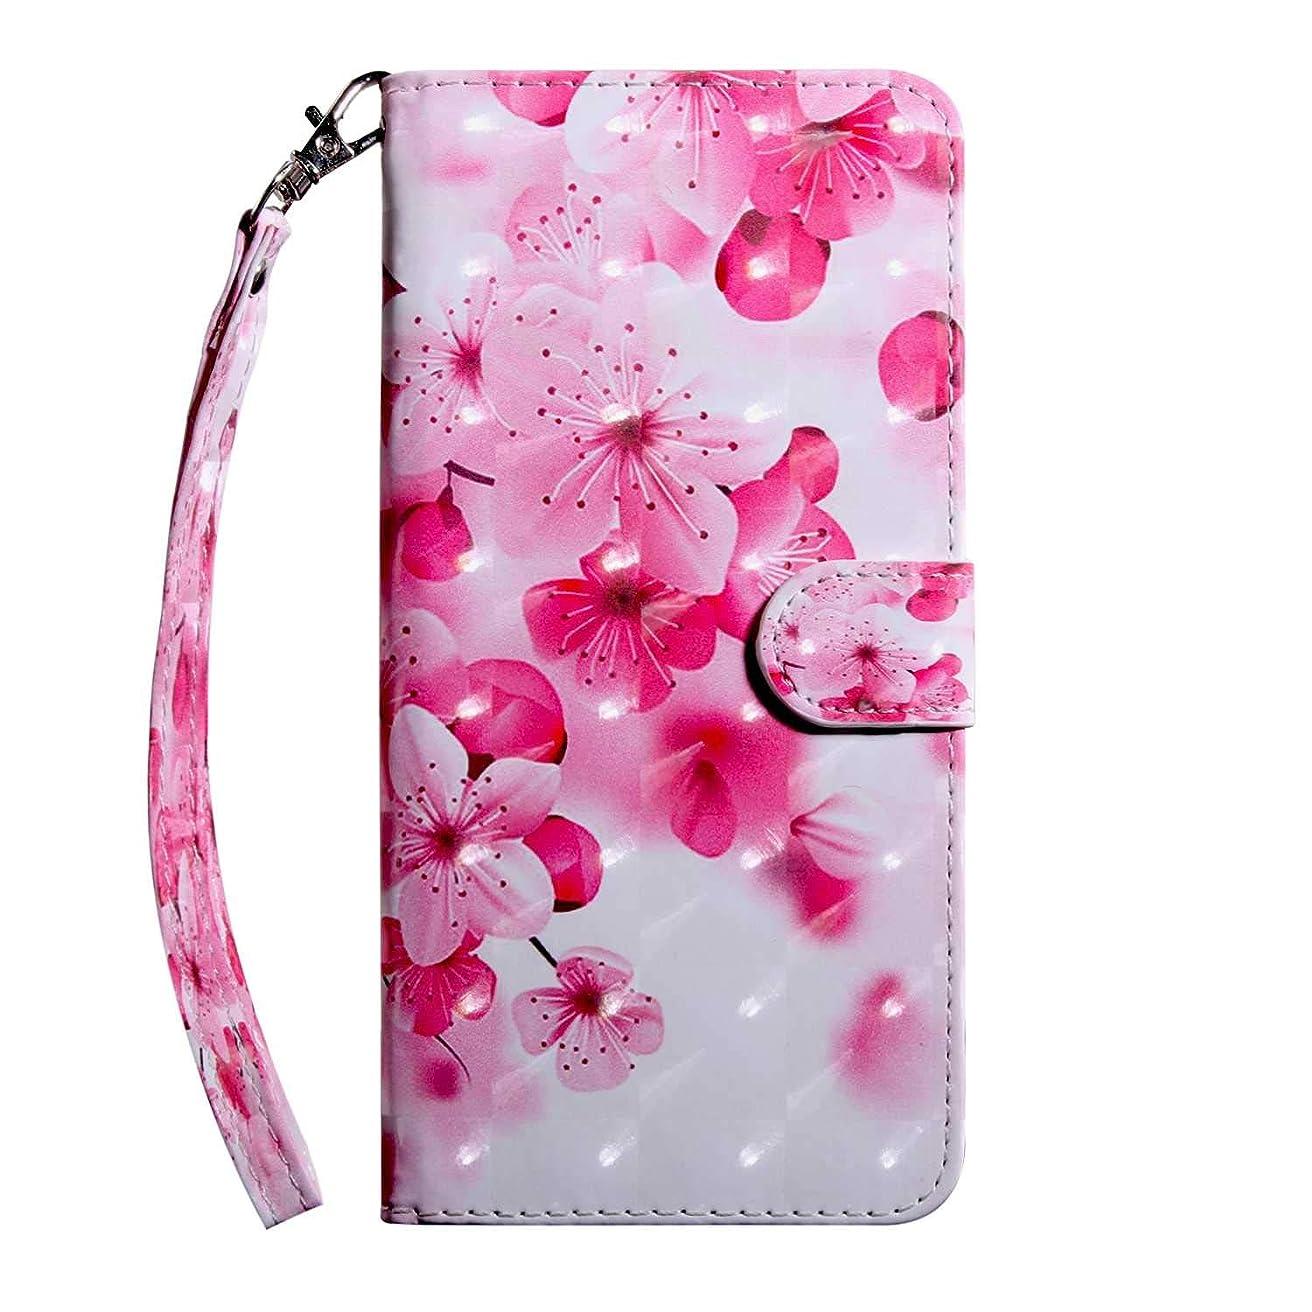 どれか強制的ラジエーターCUSKING Sony Xperia XA2 ケース 手帳型 財布型カバー Sony Xperia XA2 スマホカバー 磁気バックル カード収納 スタンド機能 エクスペリア レザーケース –さくら